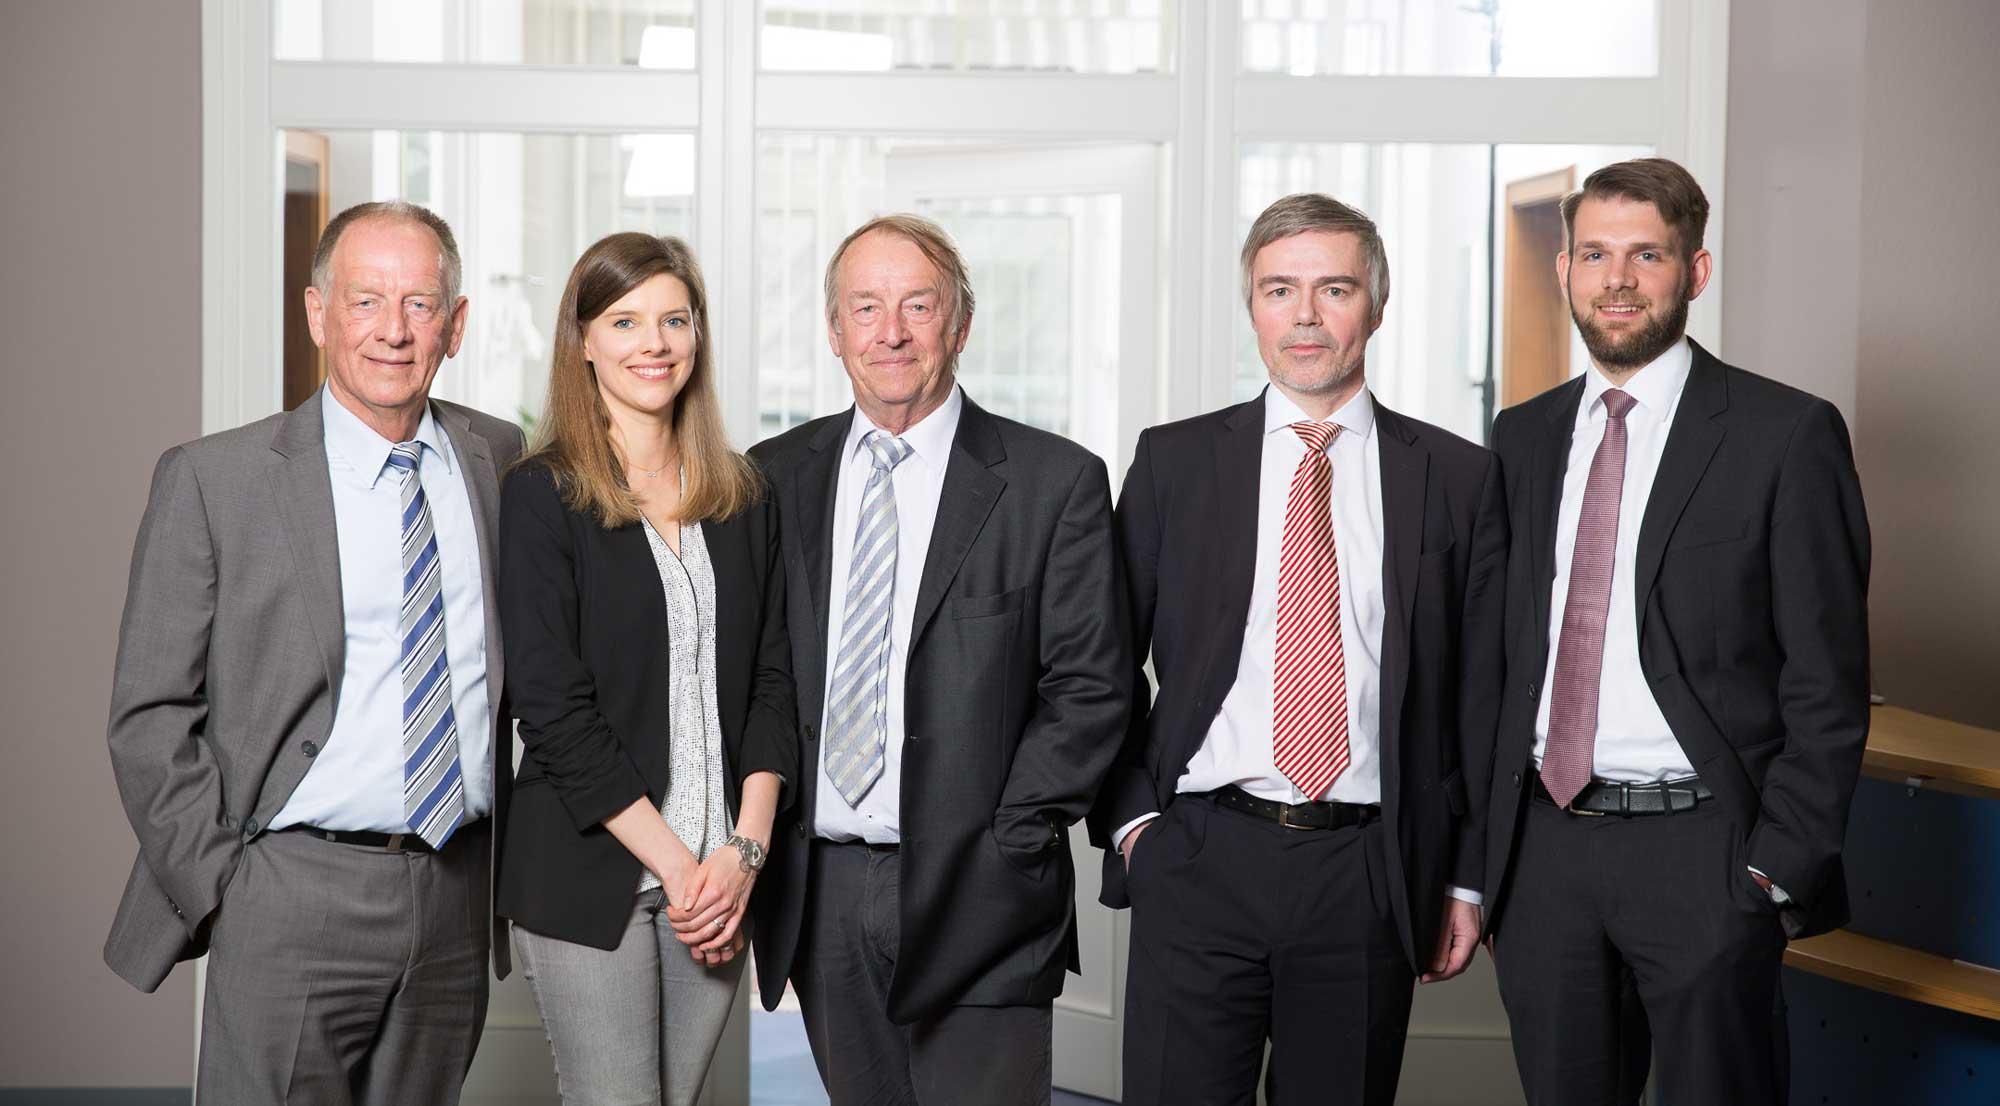 Team-Gaul-Merscher